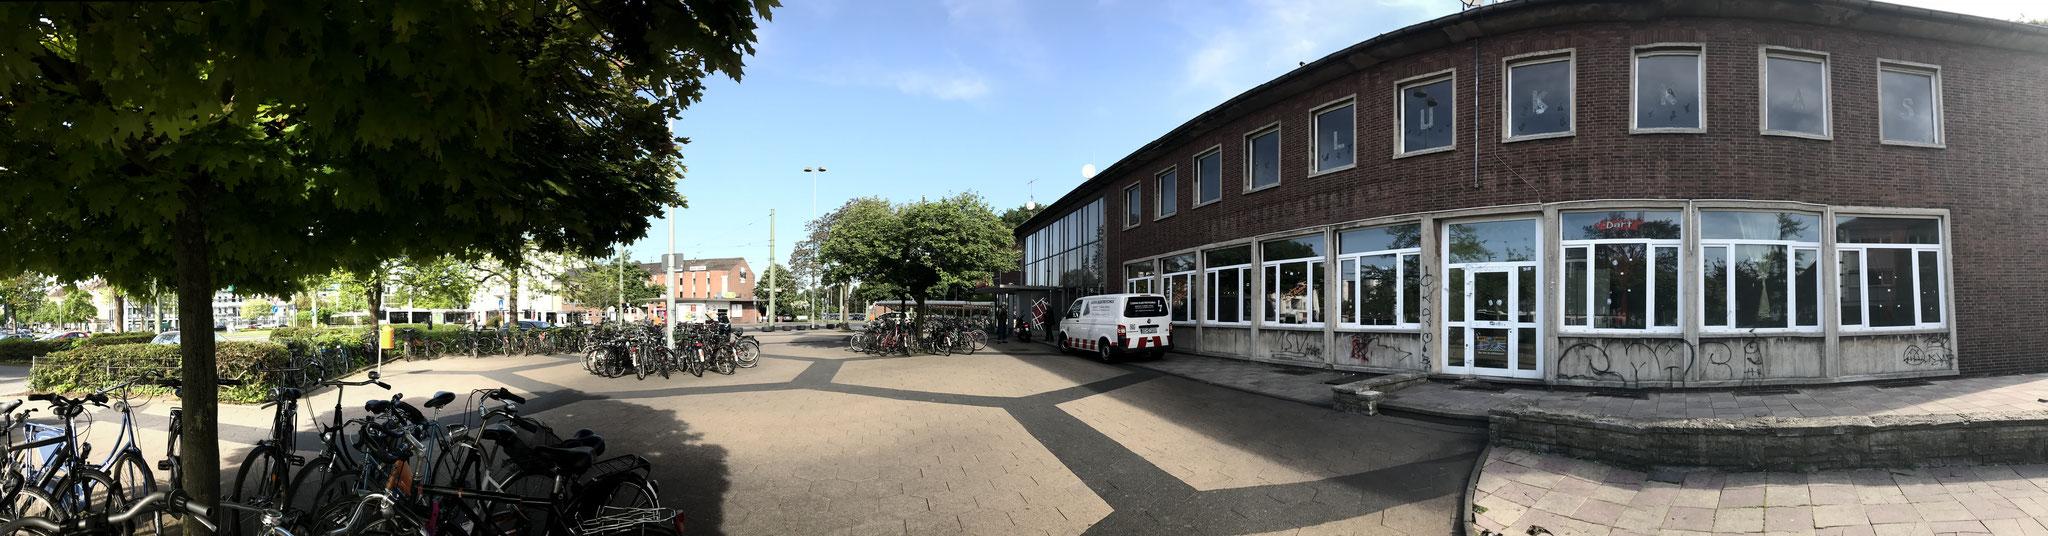 Bahnhof von der Bahnstraße aus.